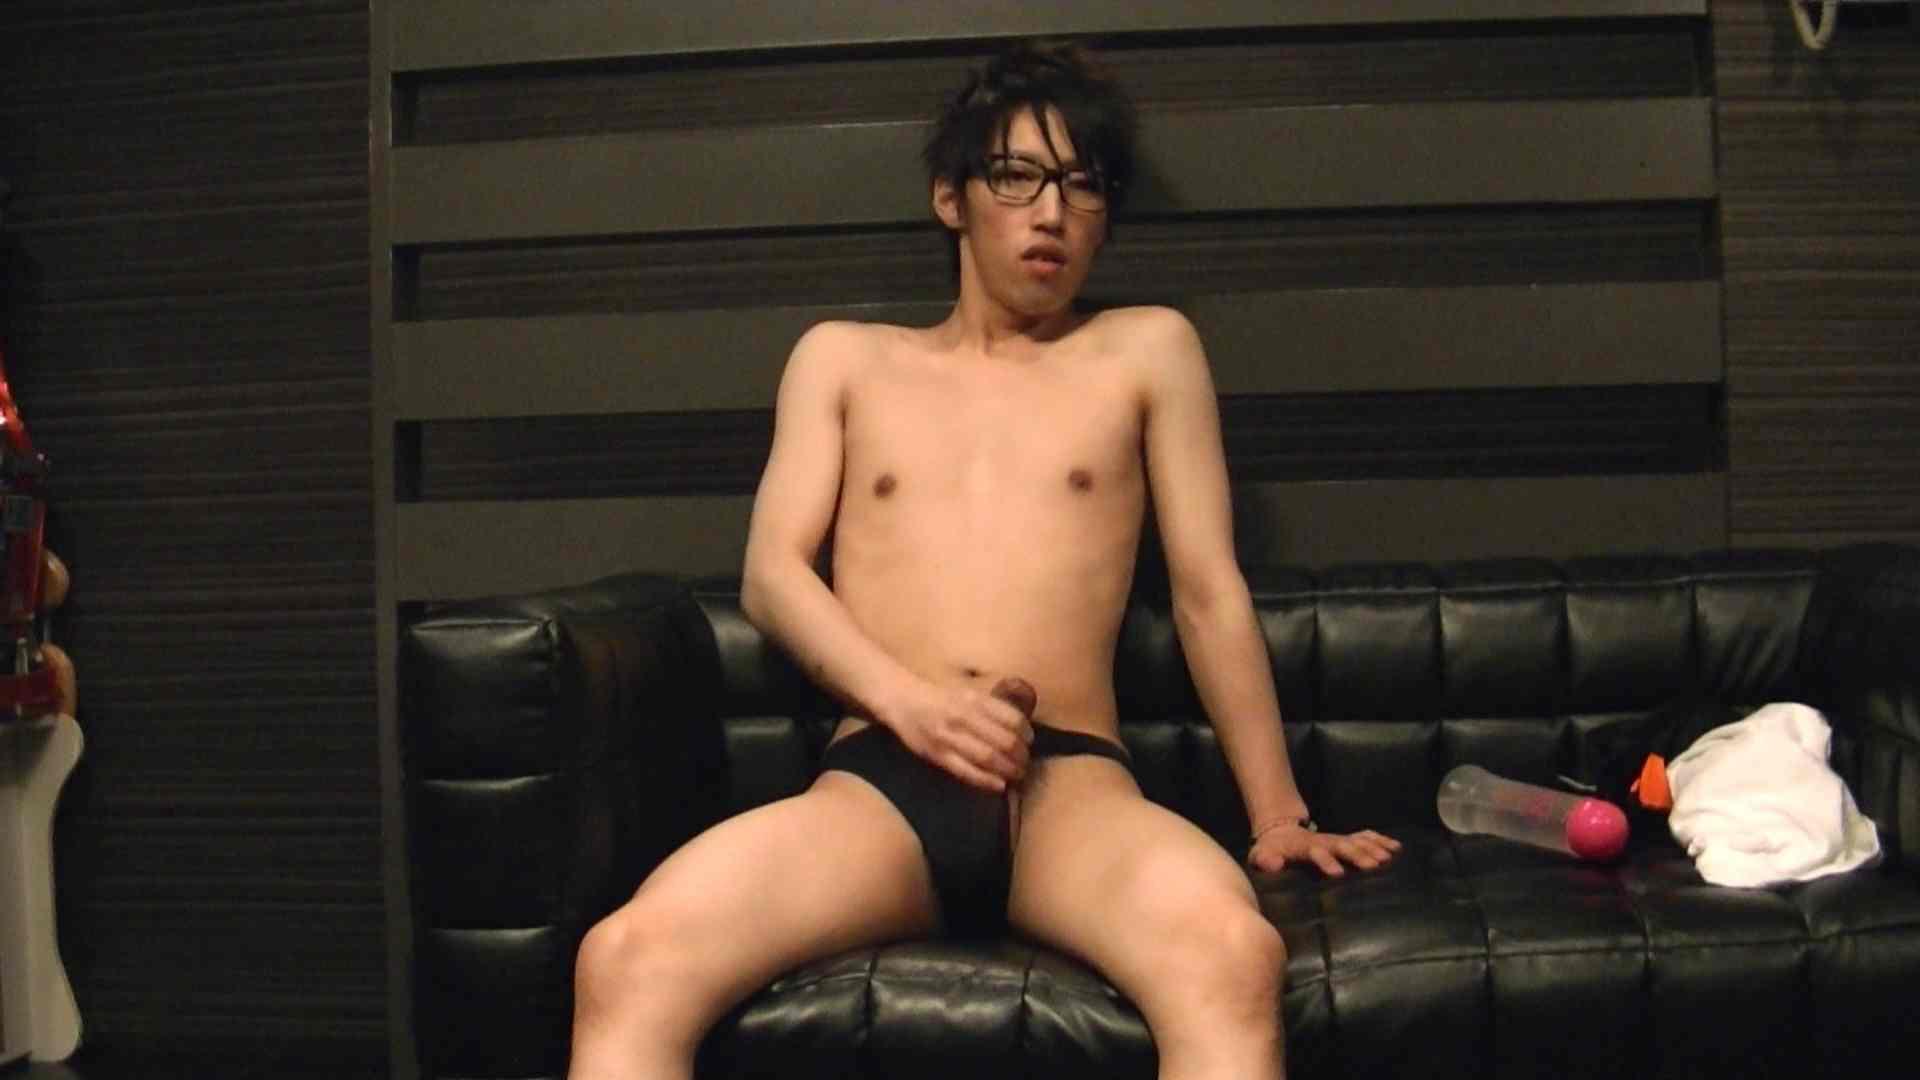 Mr.オナックスさん投稿!HD 貴方のオナニー三万円で撮影させてください。VOL.04 スジ筋系  32pic 9